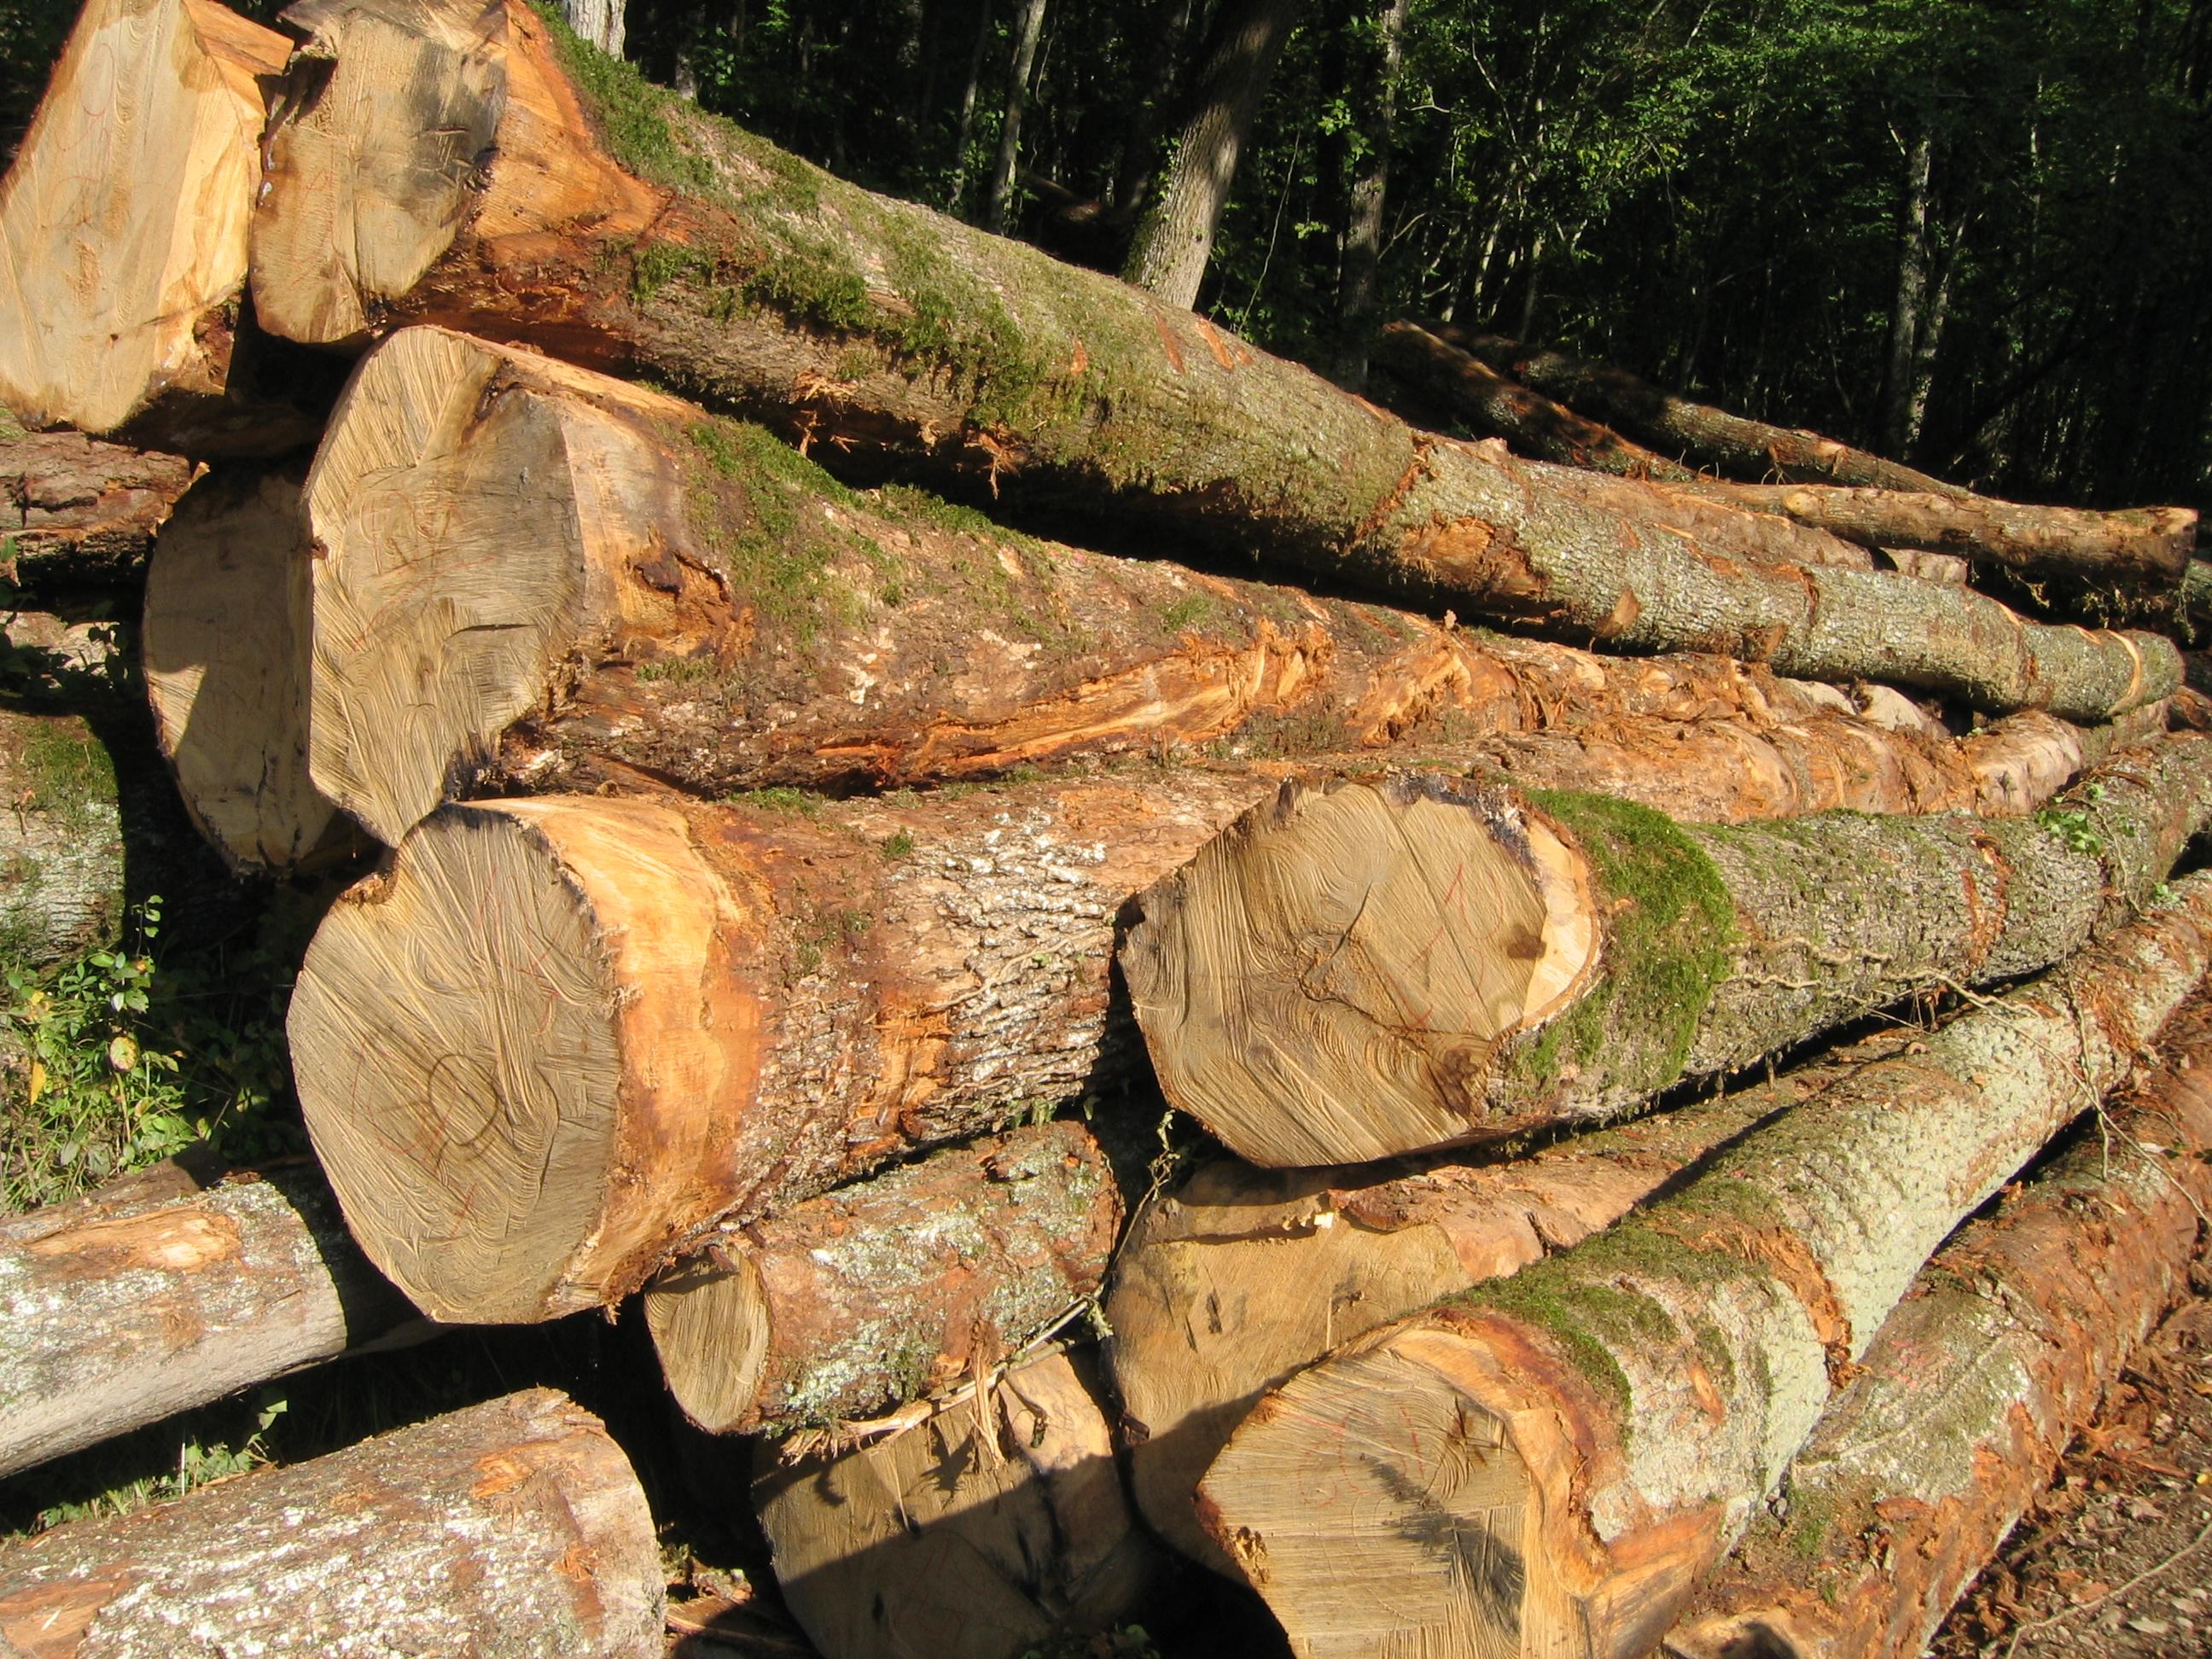 File:Billes de bois sur le bord d'une route - 003.JPG ...